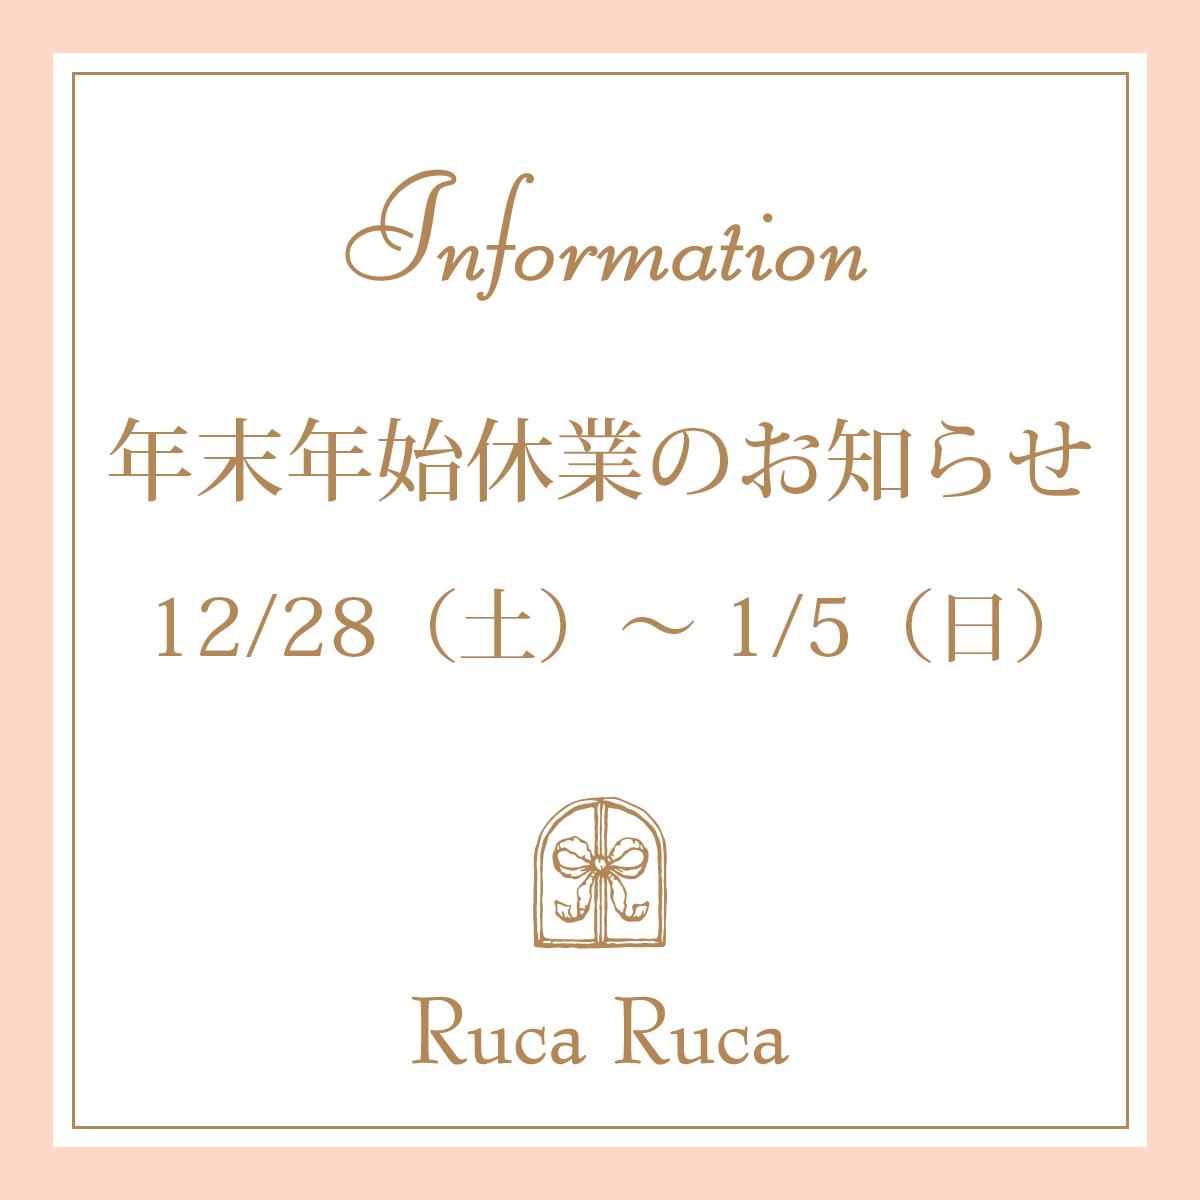 年末年始休業のお知らせ 12/28〜1/5